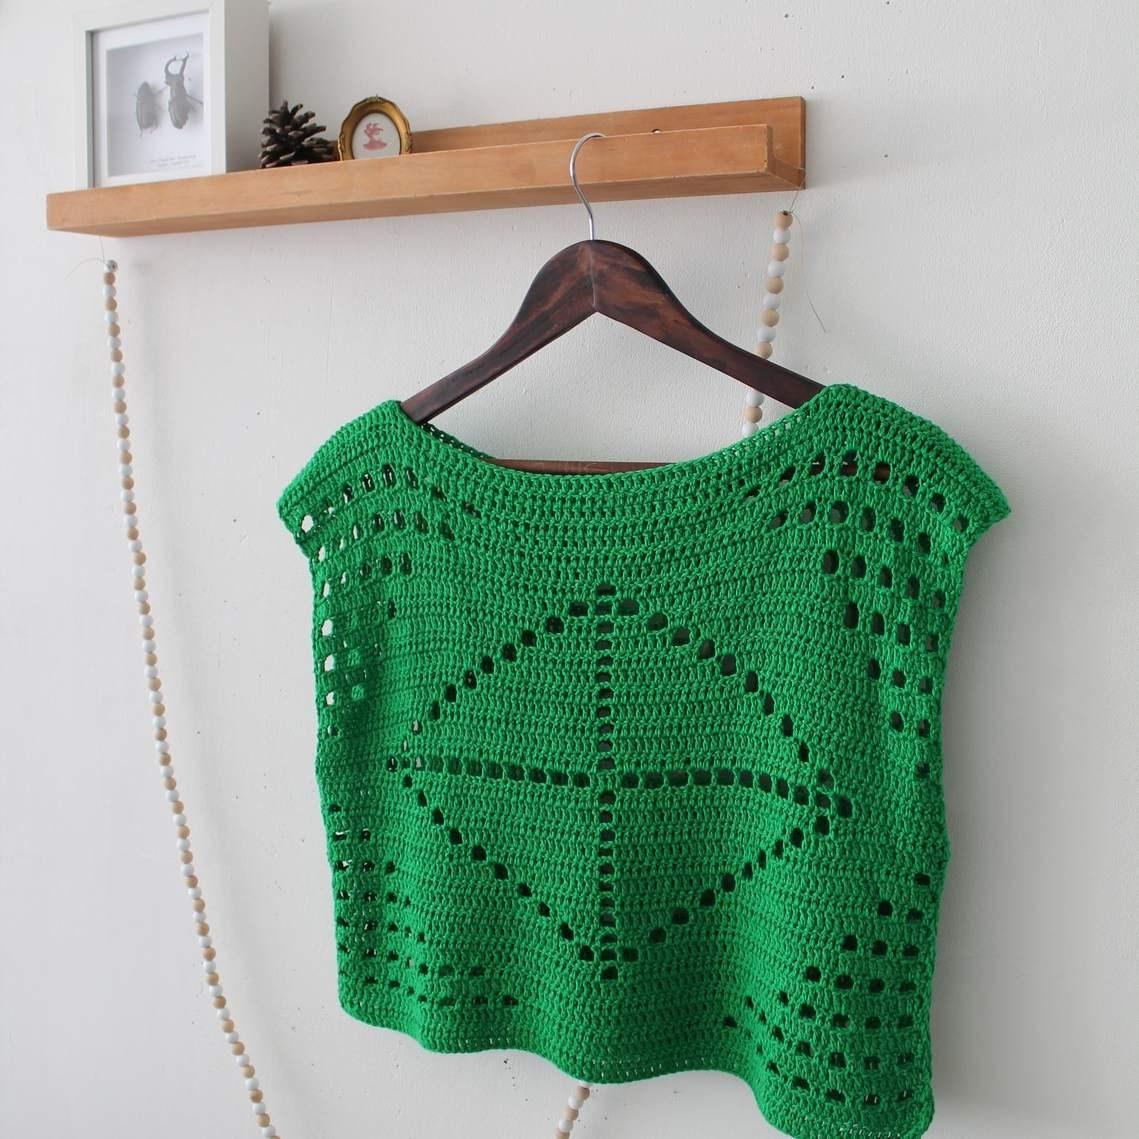 3 Cute Crochet Childrens Dress Patterns Vintage Crochet Ba Dress Pattern Free Dacc